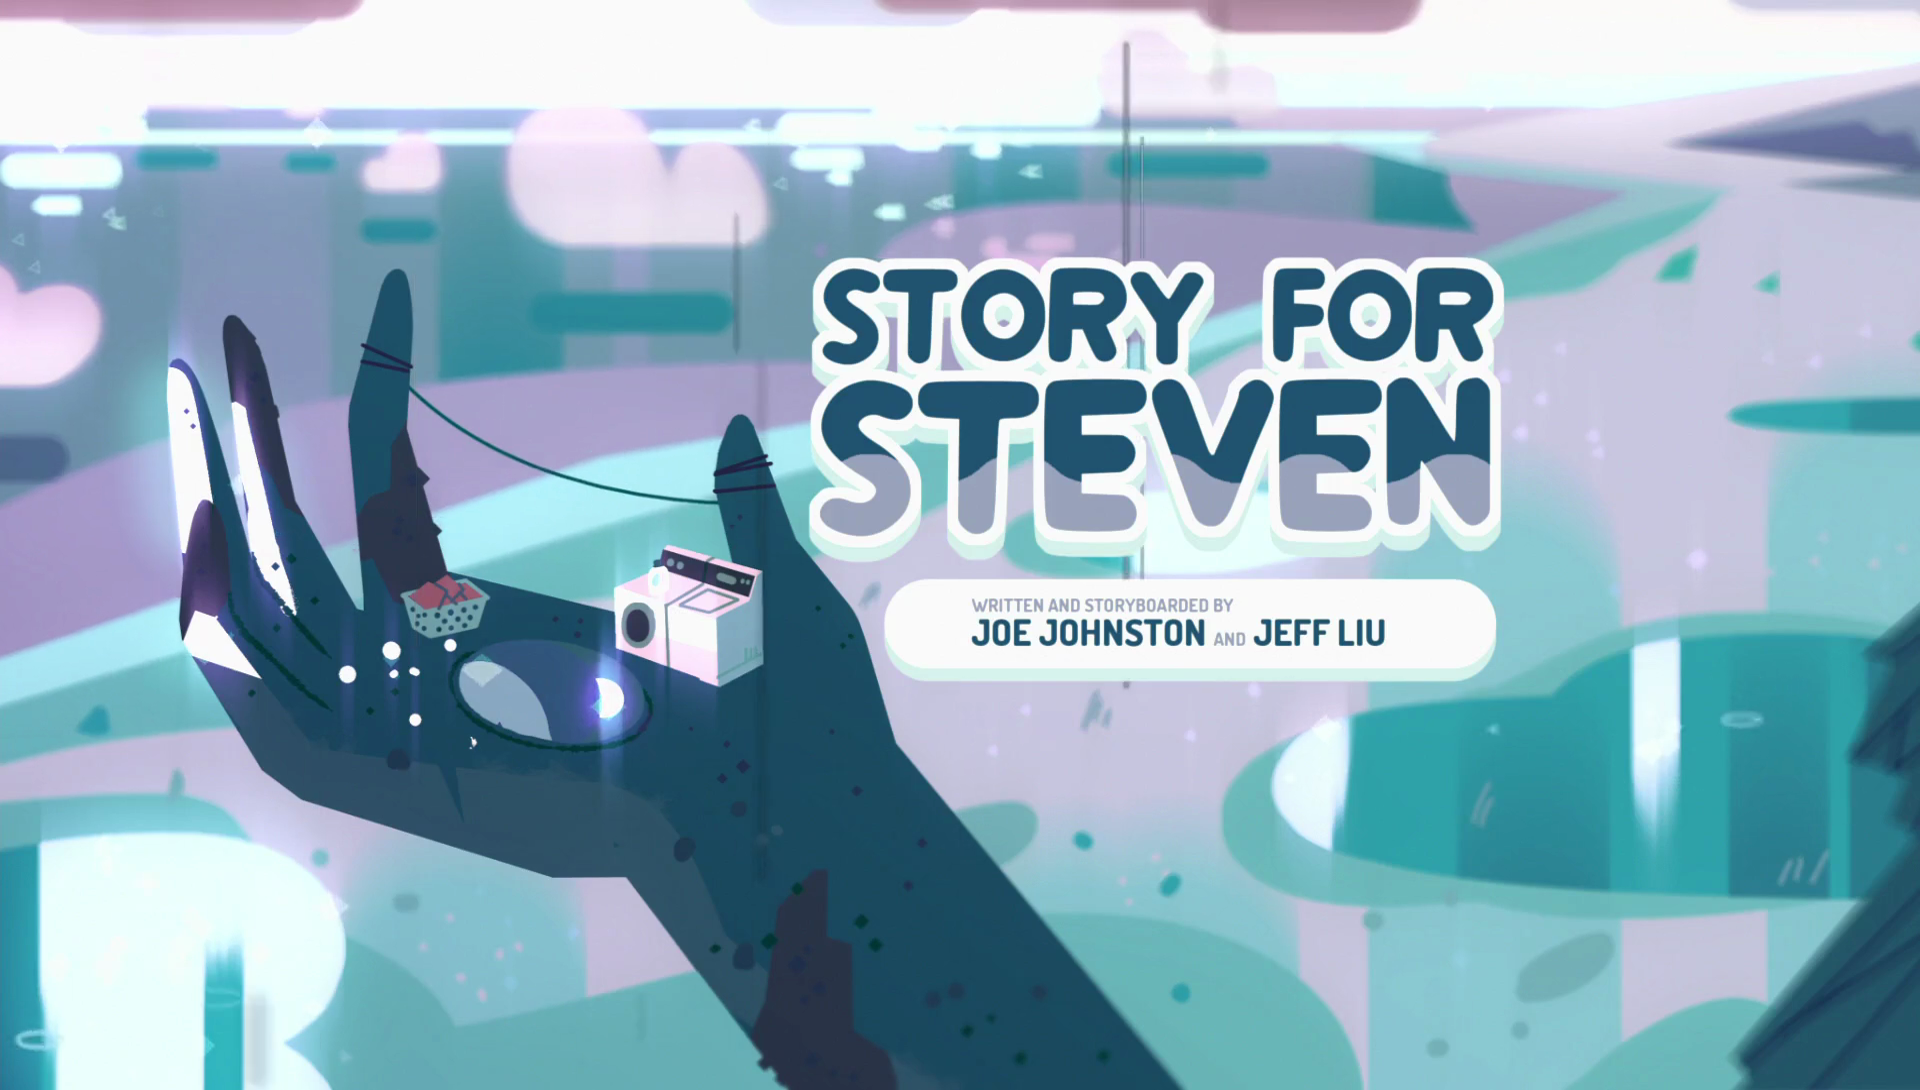 Greg tells Steven the story of how